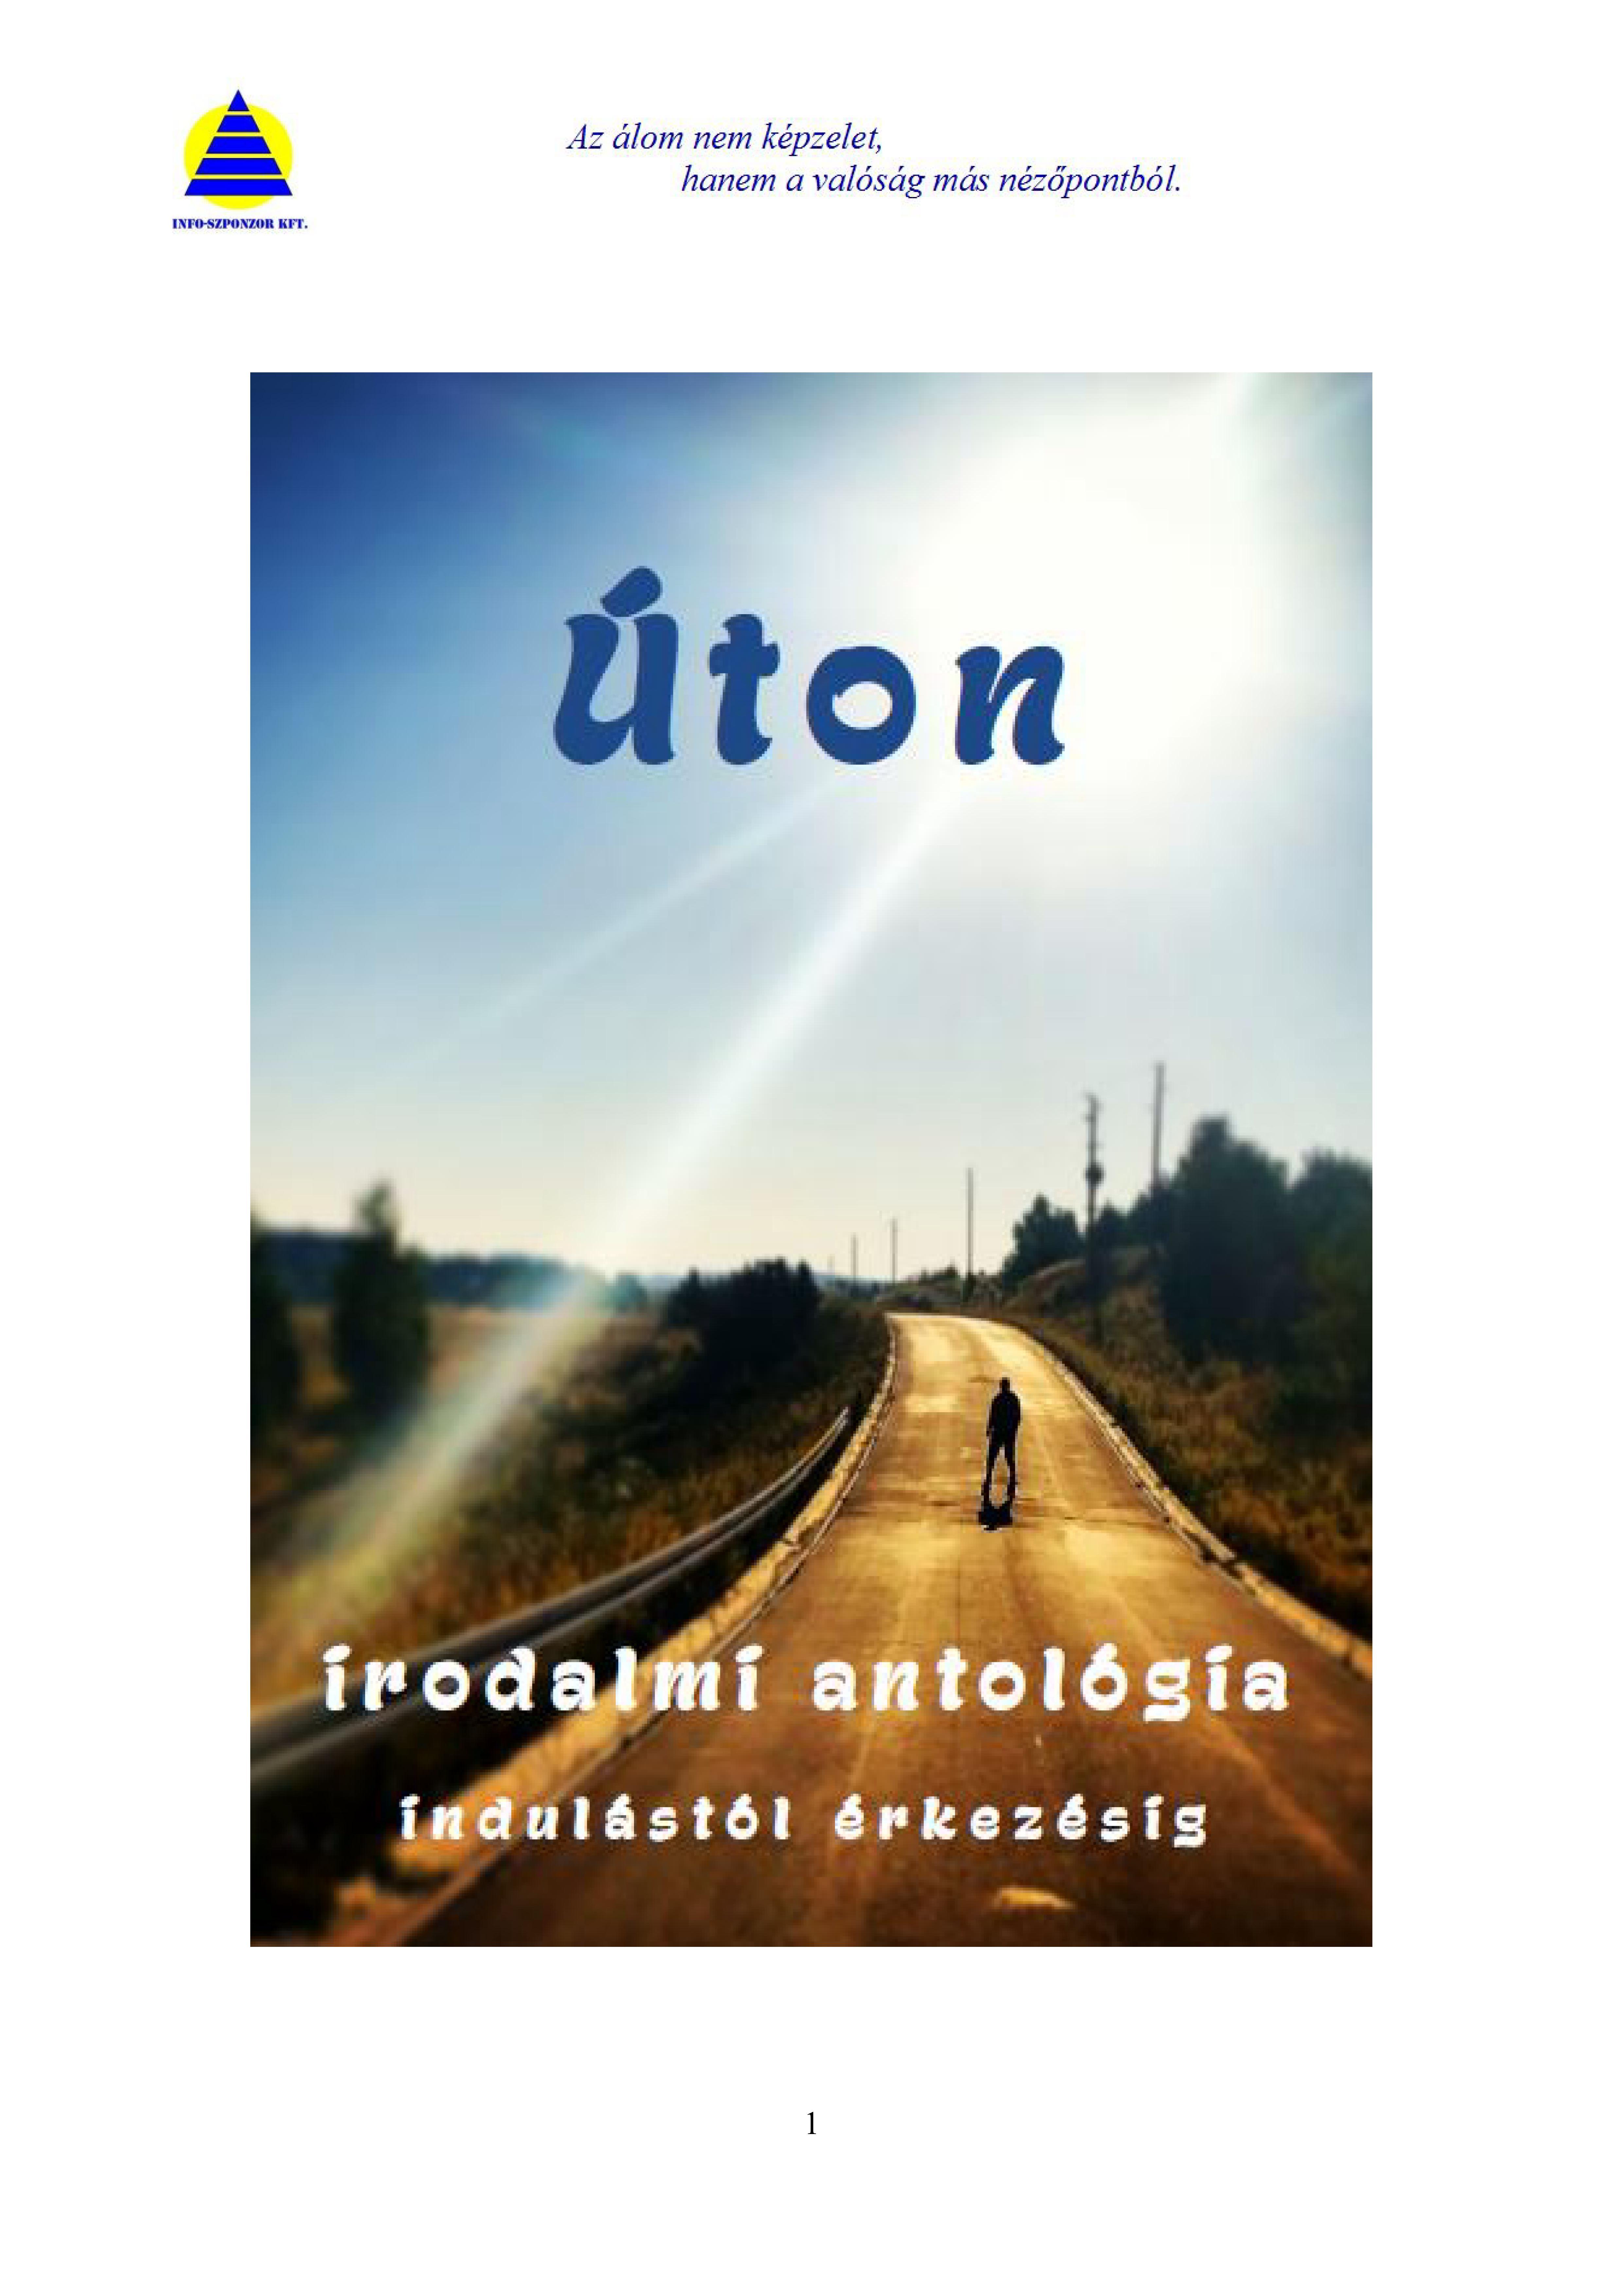 uton_kiiras_1